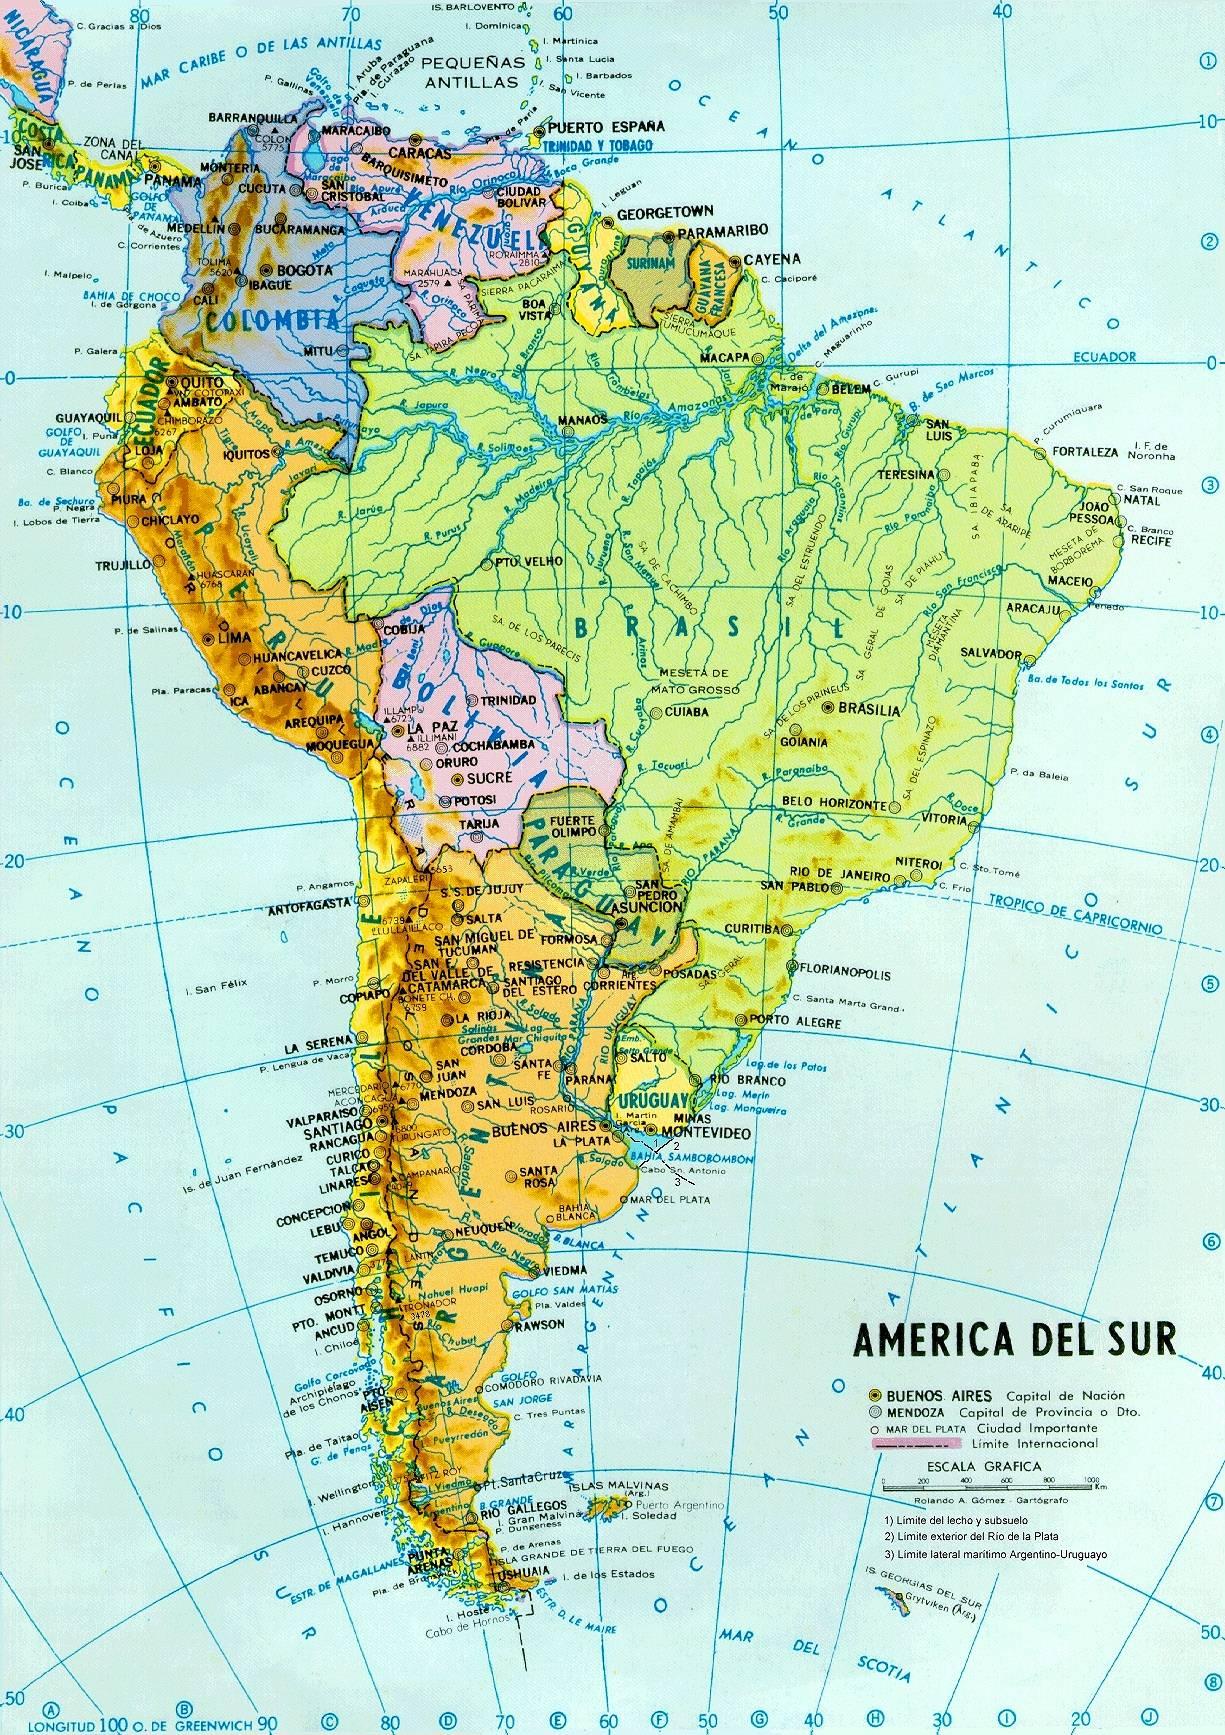 Mapas de am rica para imprimir laclasedeptdemontse - Microcementos del sur ...